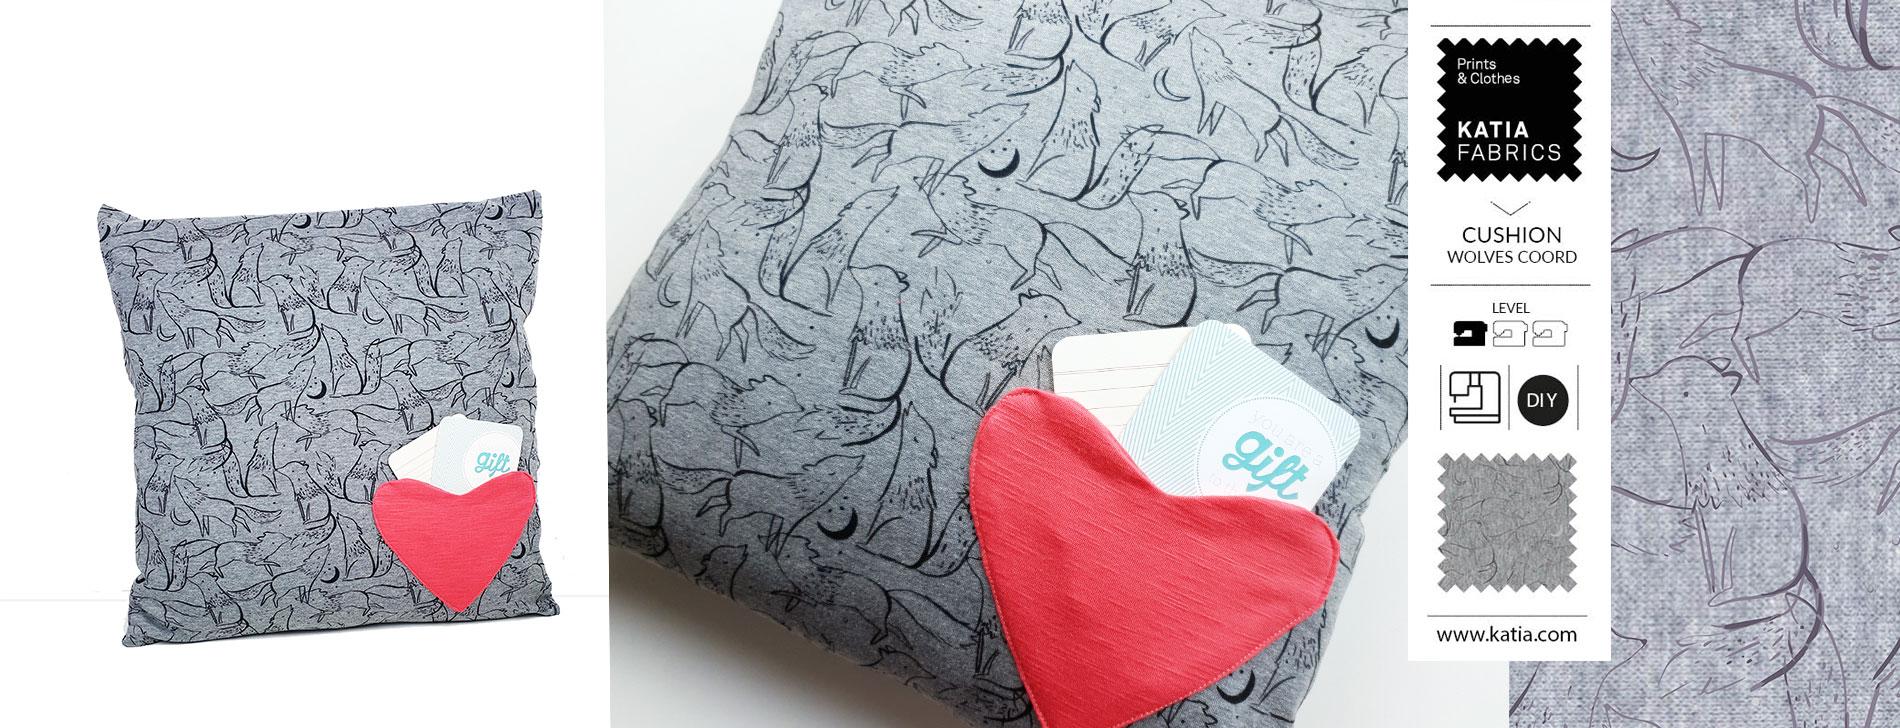 Kissenbezug-mit-Hotelverschluss-nähen-Herz